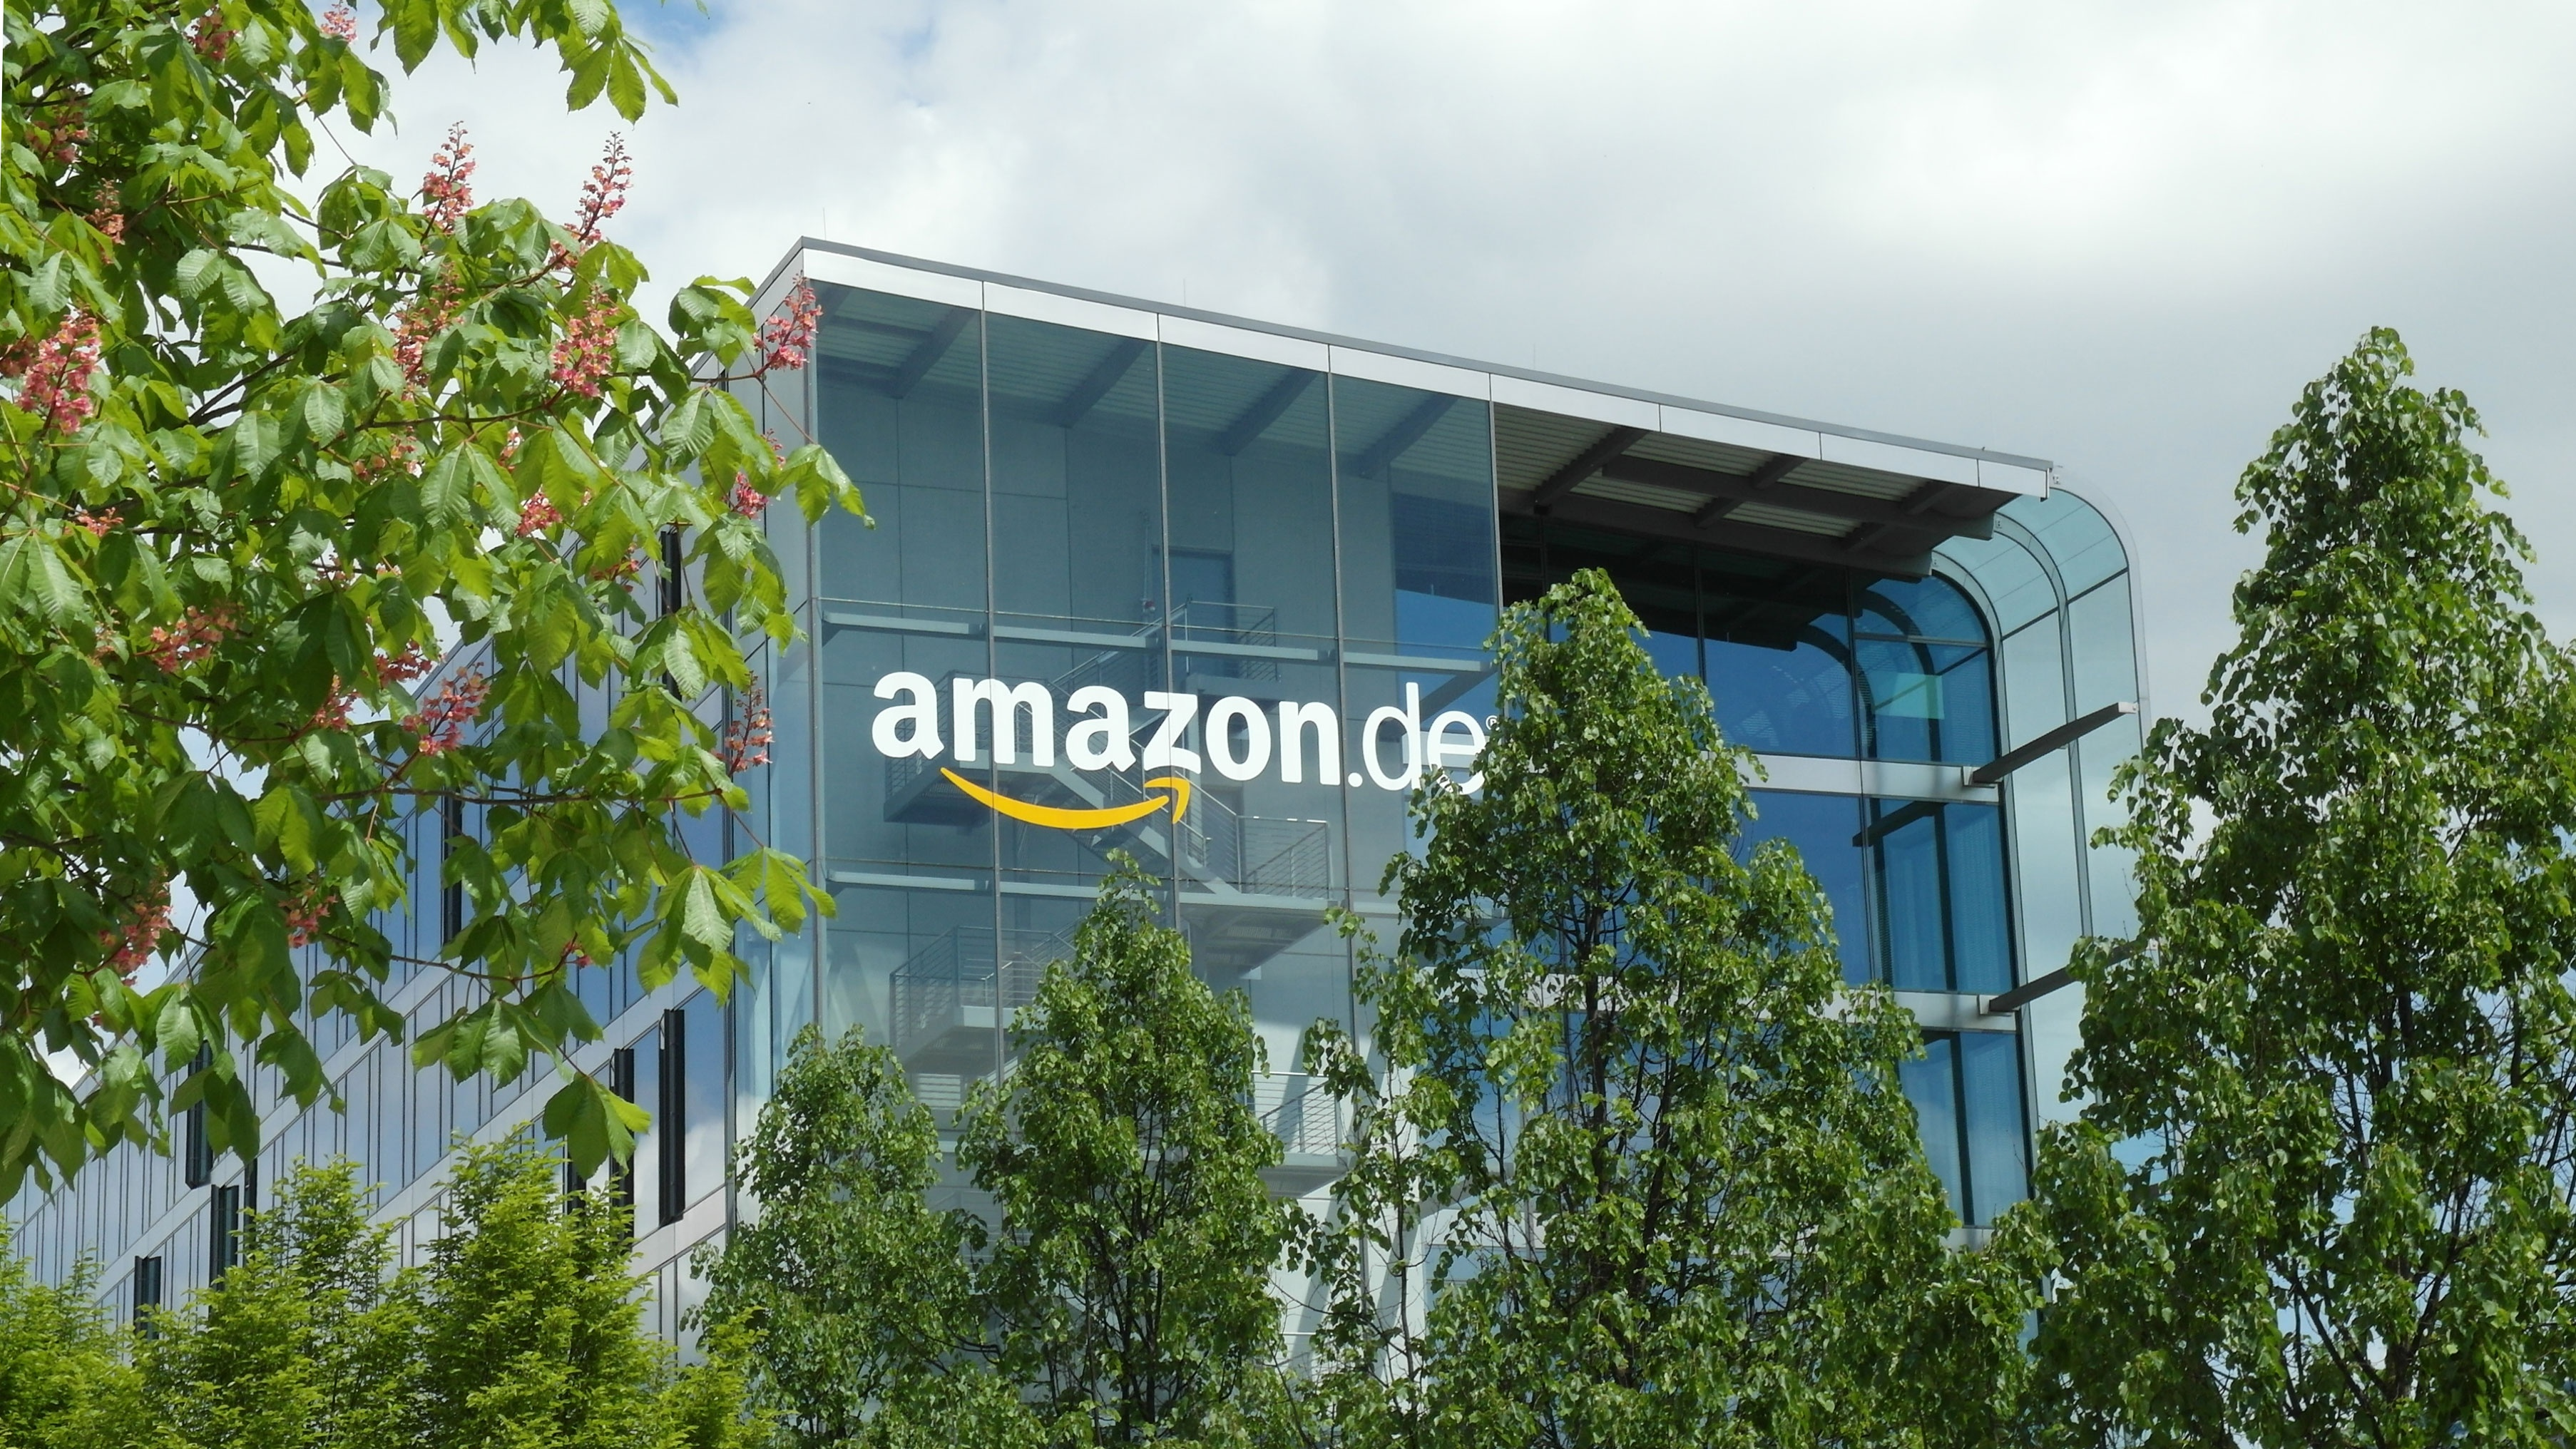 amazon deutschland gutschein